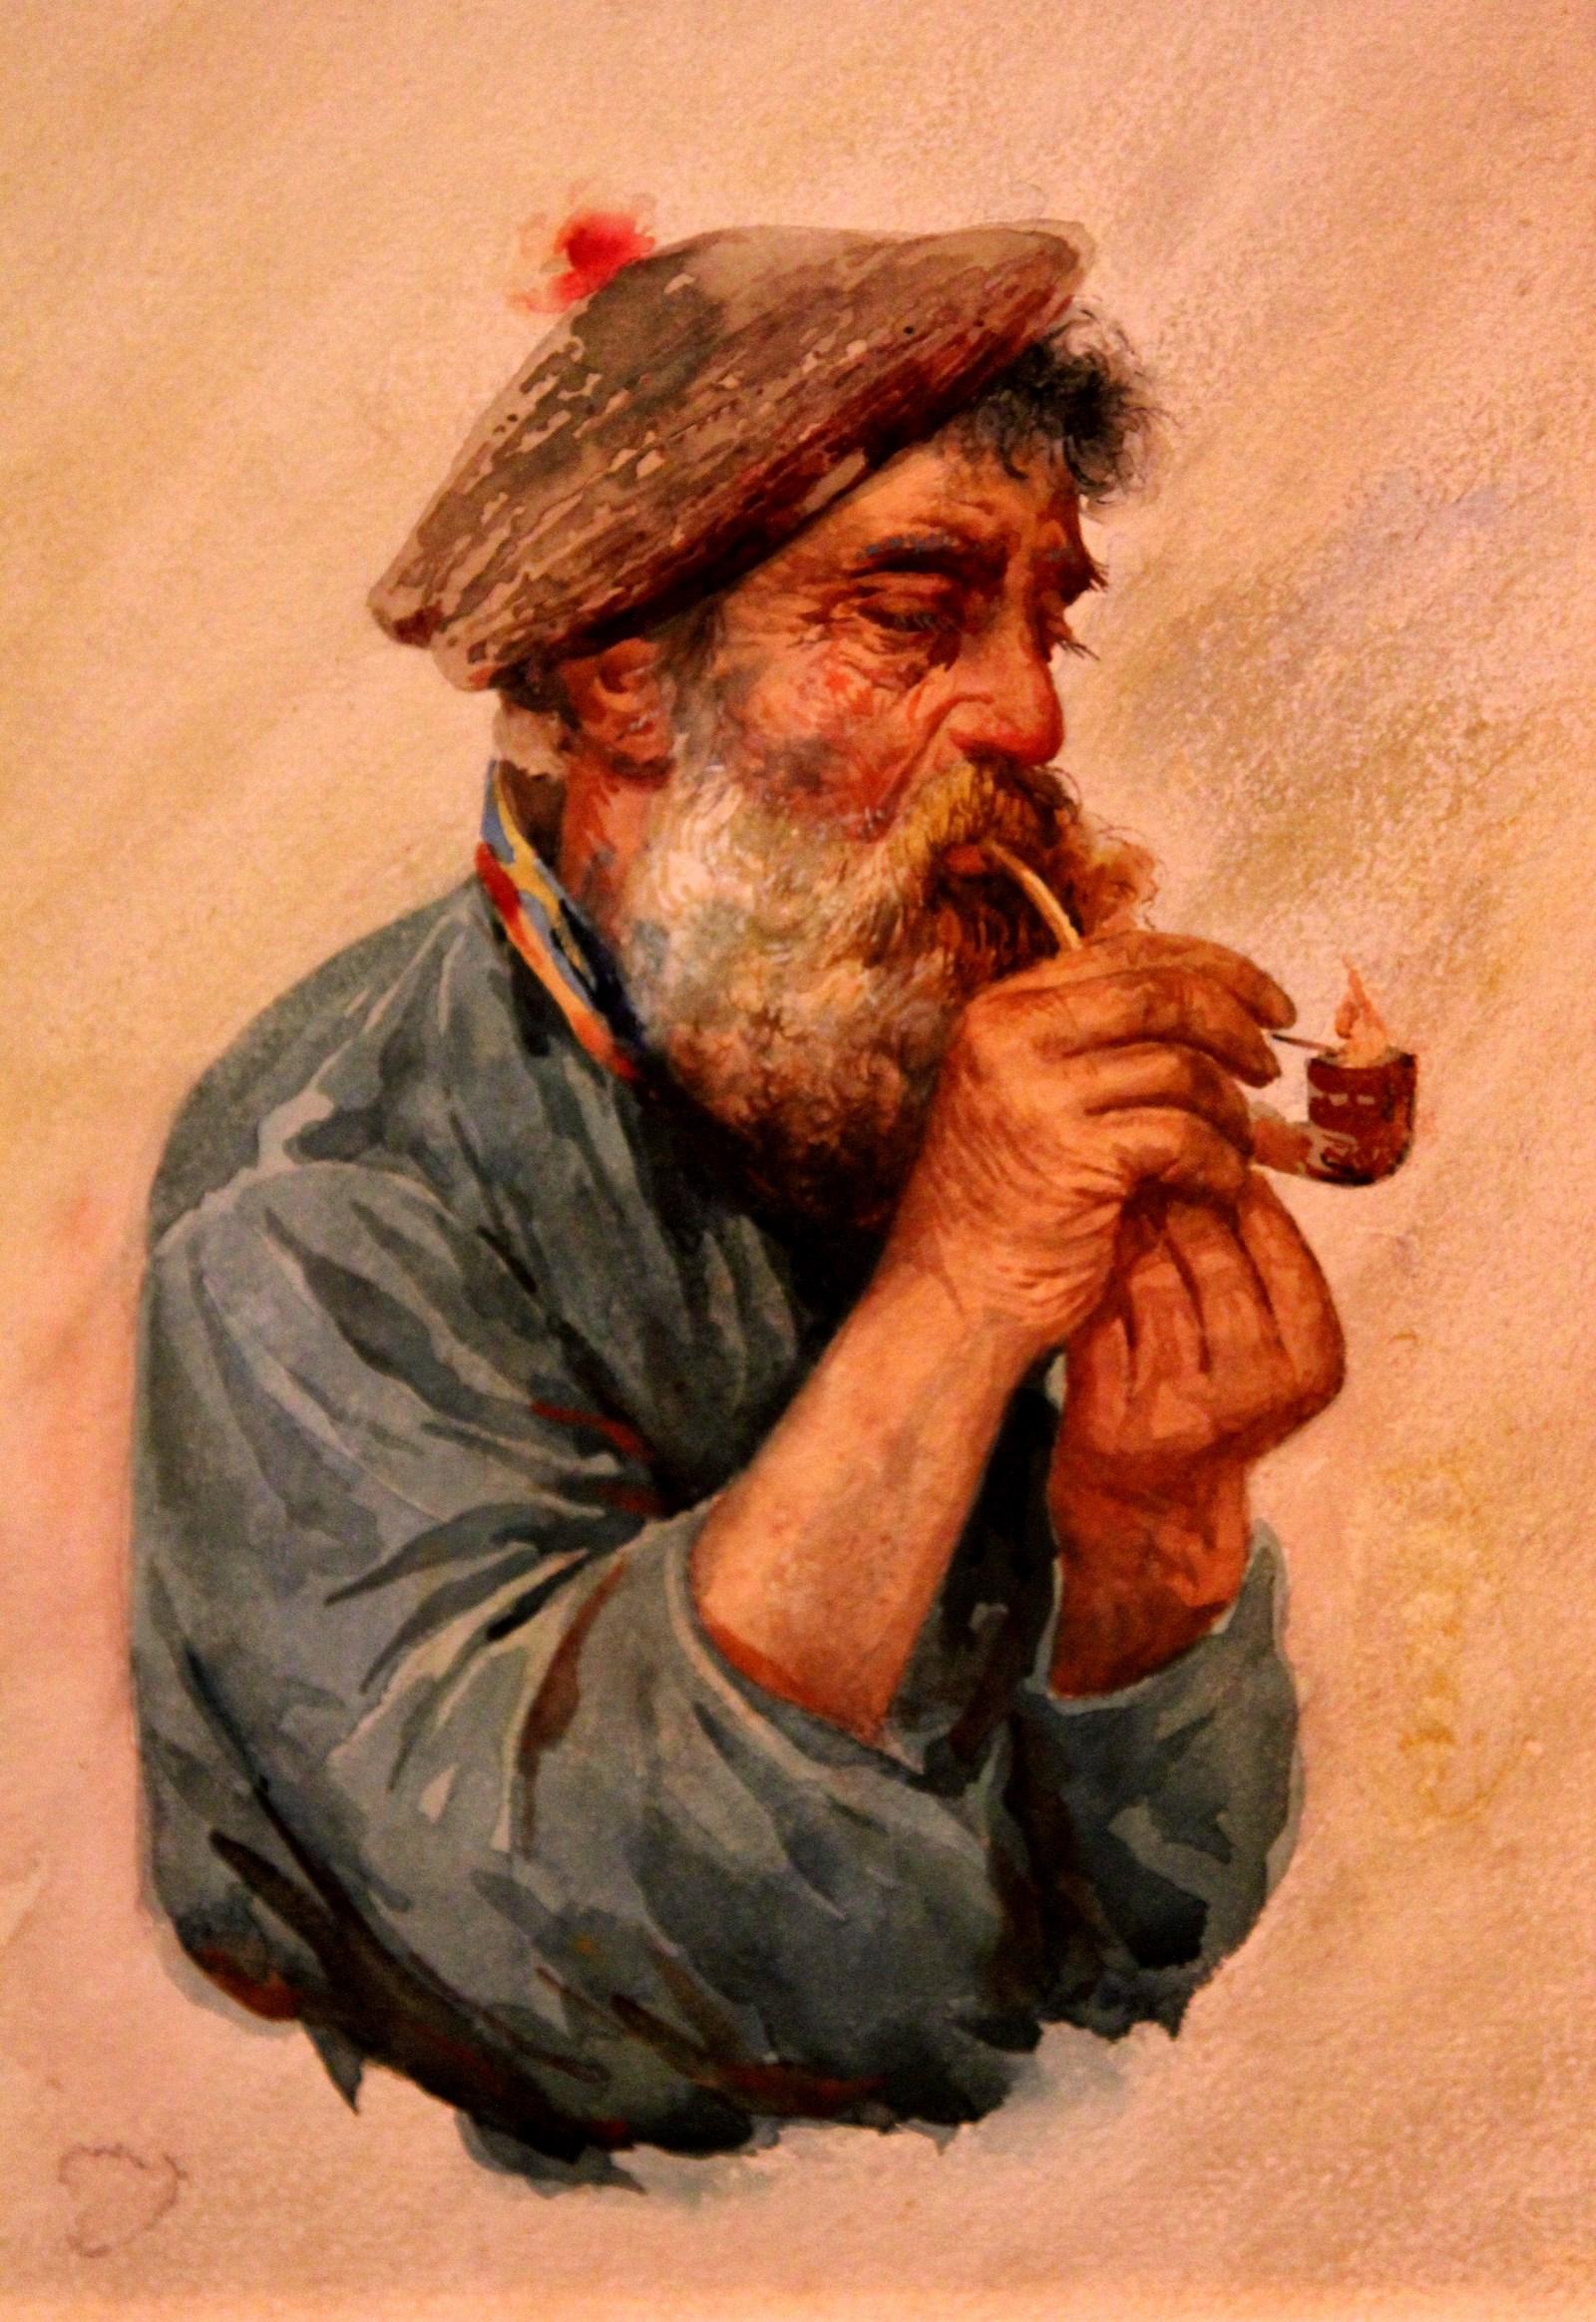 Бакст Лев. 1866-1924 Рыбак с курительной трубкой. 1890-е Бумага, наклеенная на картон, акварель, белила Из корпоративной коллекции Белгазпромбанка